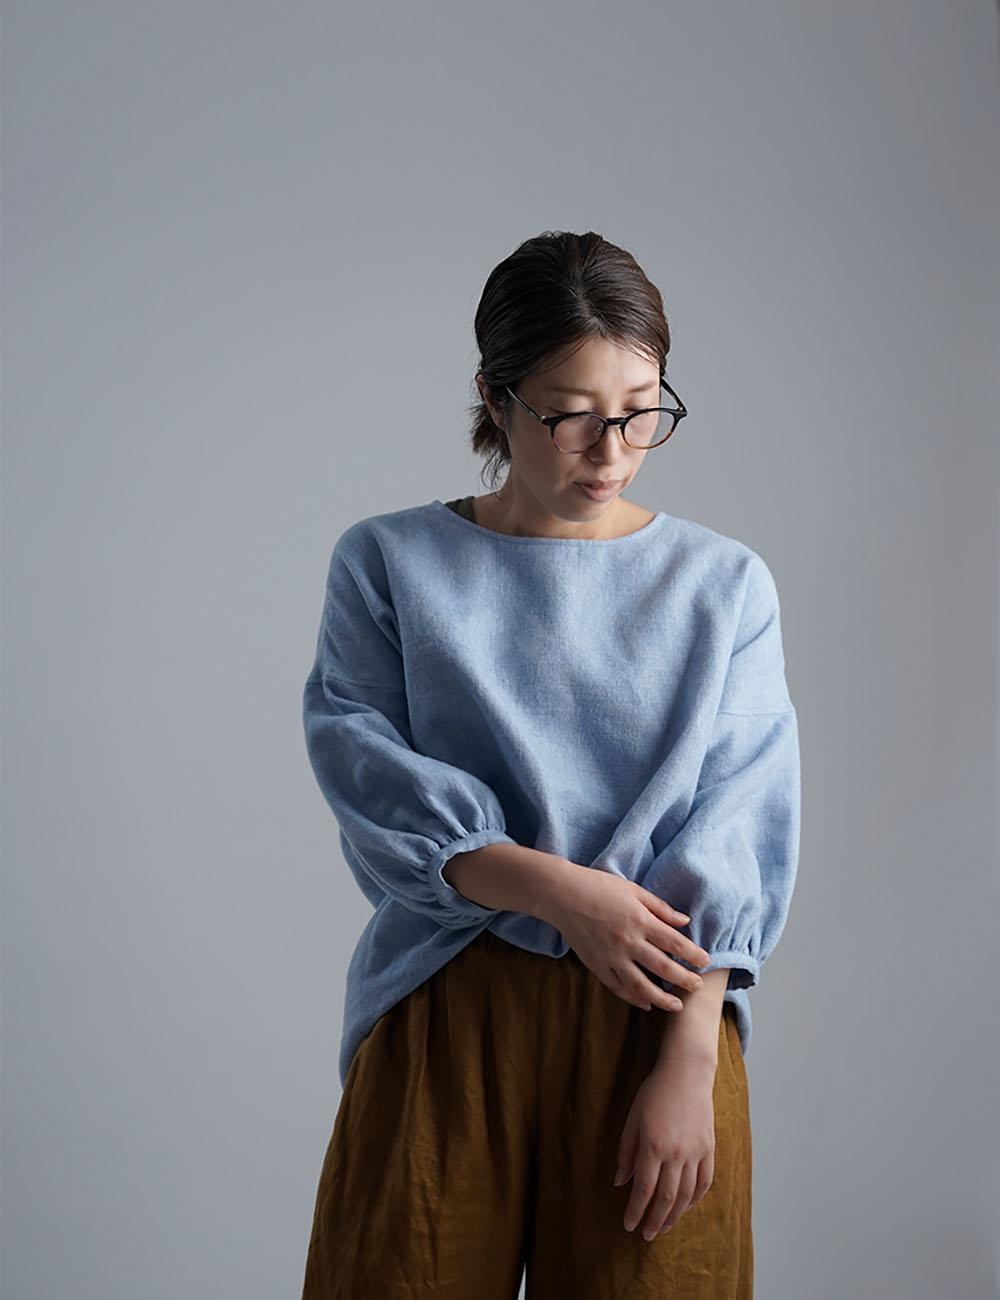 【10月9日21時~販売開始】【早割】Linen Top 表面起毛 ふんわり袖 ガゼットブラウス /水色 t011f-blu2